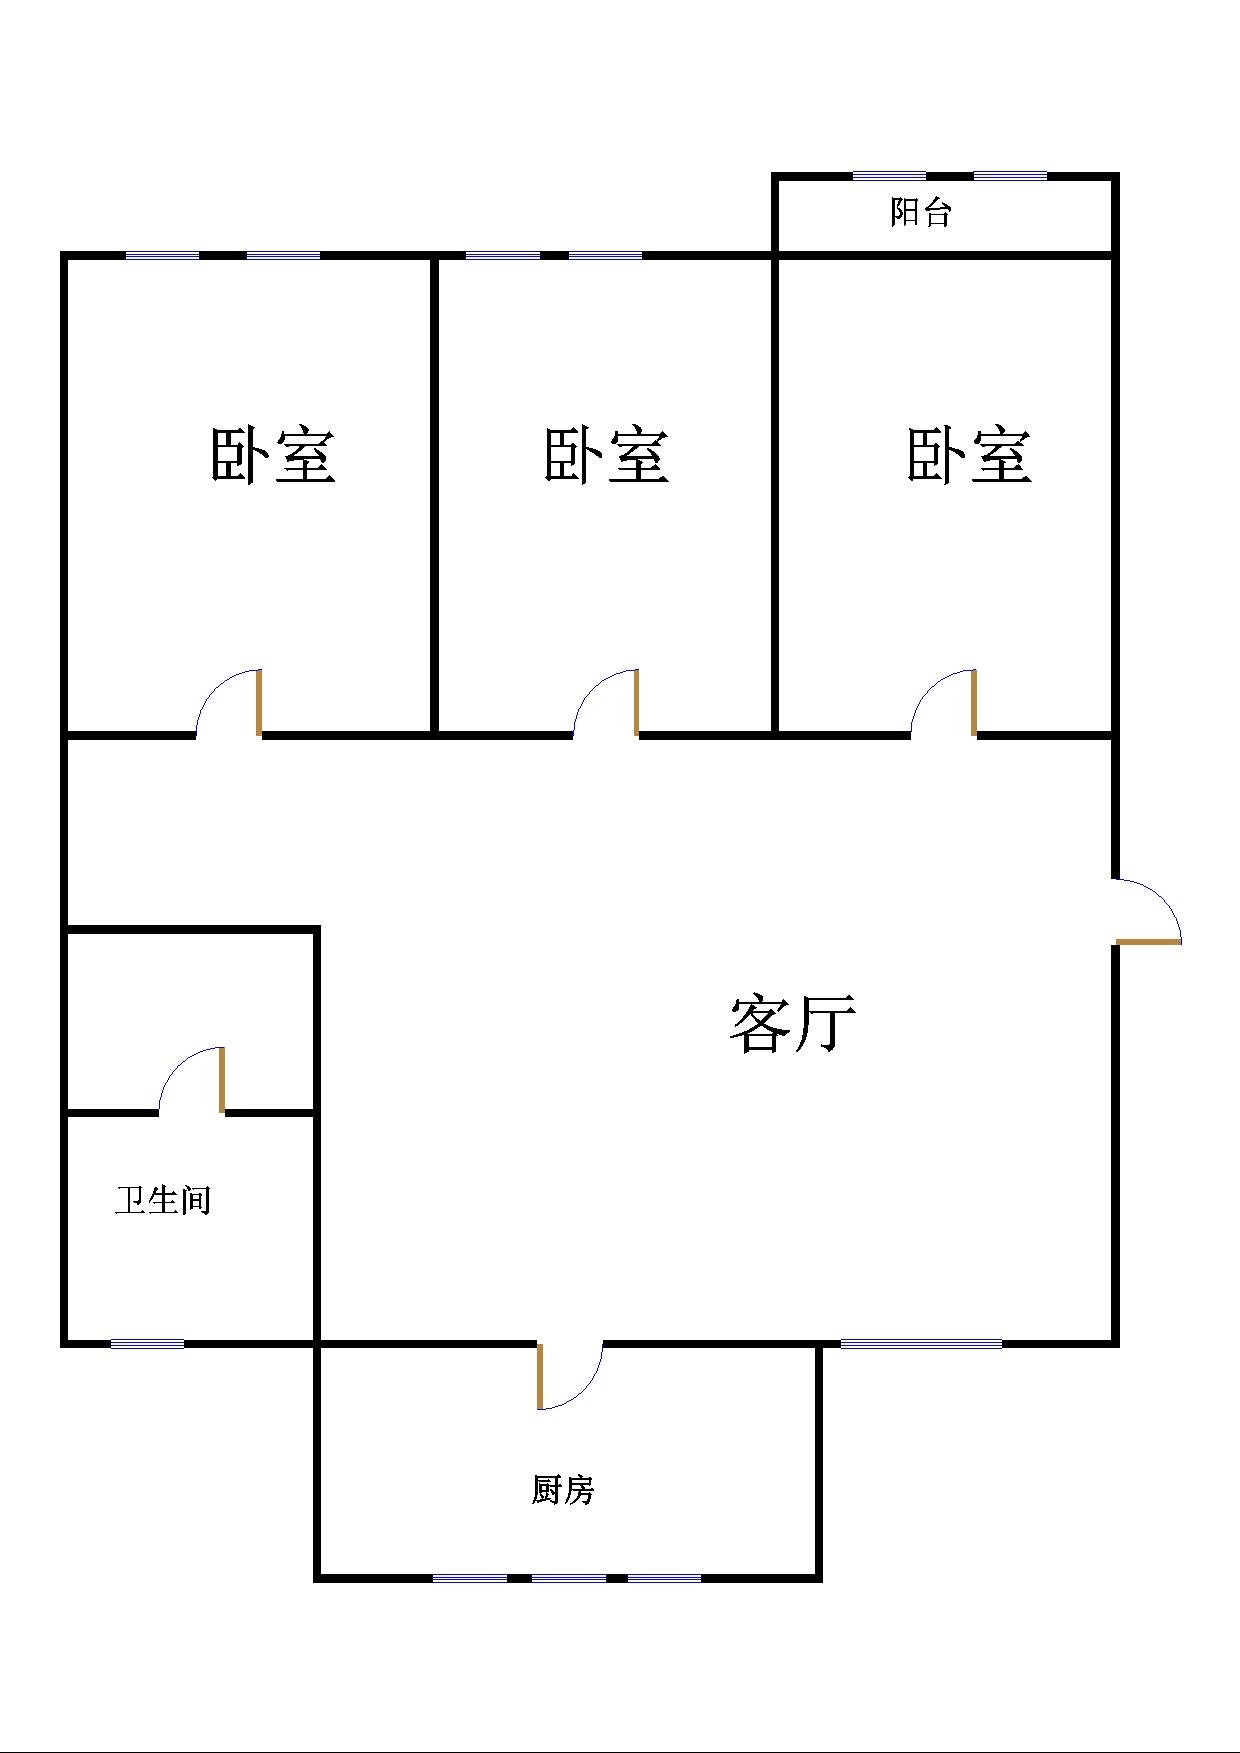 湘江小区西区 3室1厅 双证齐全 精装 120万